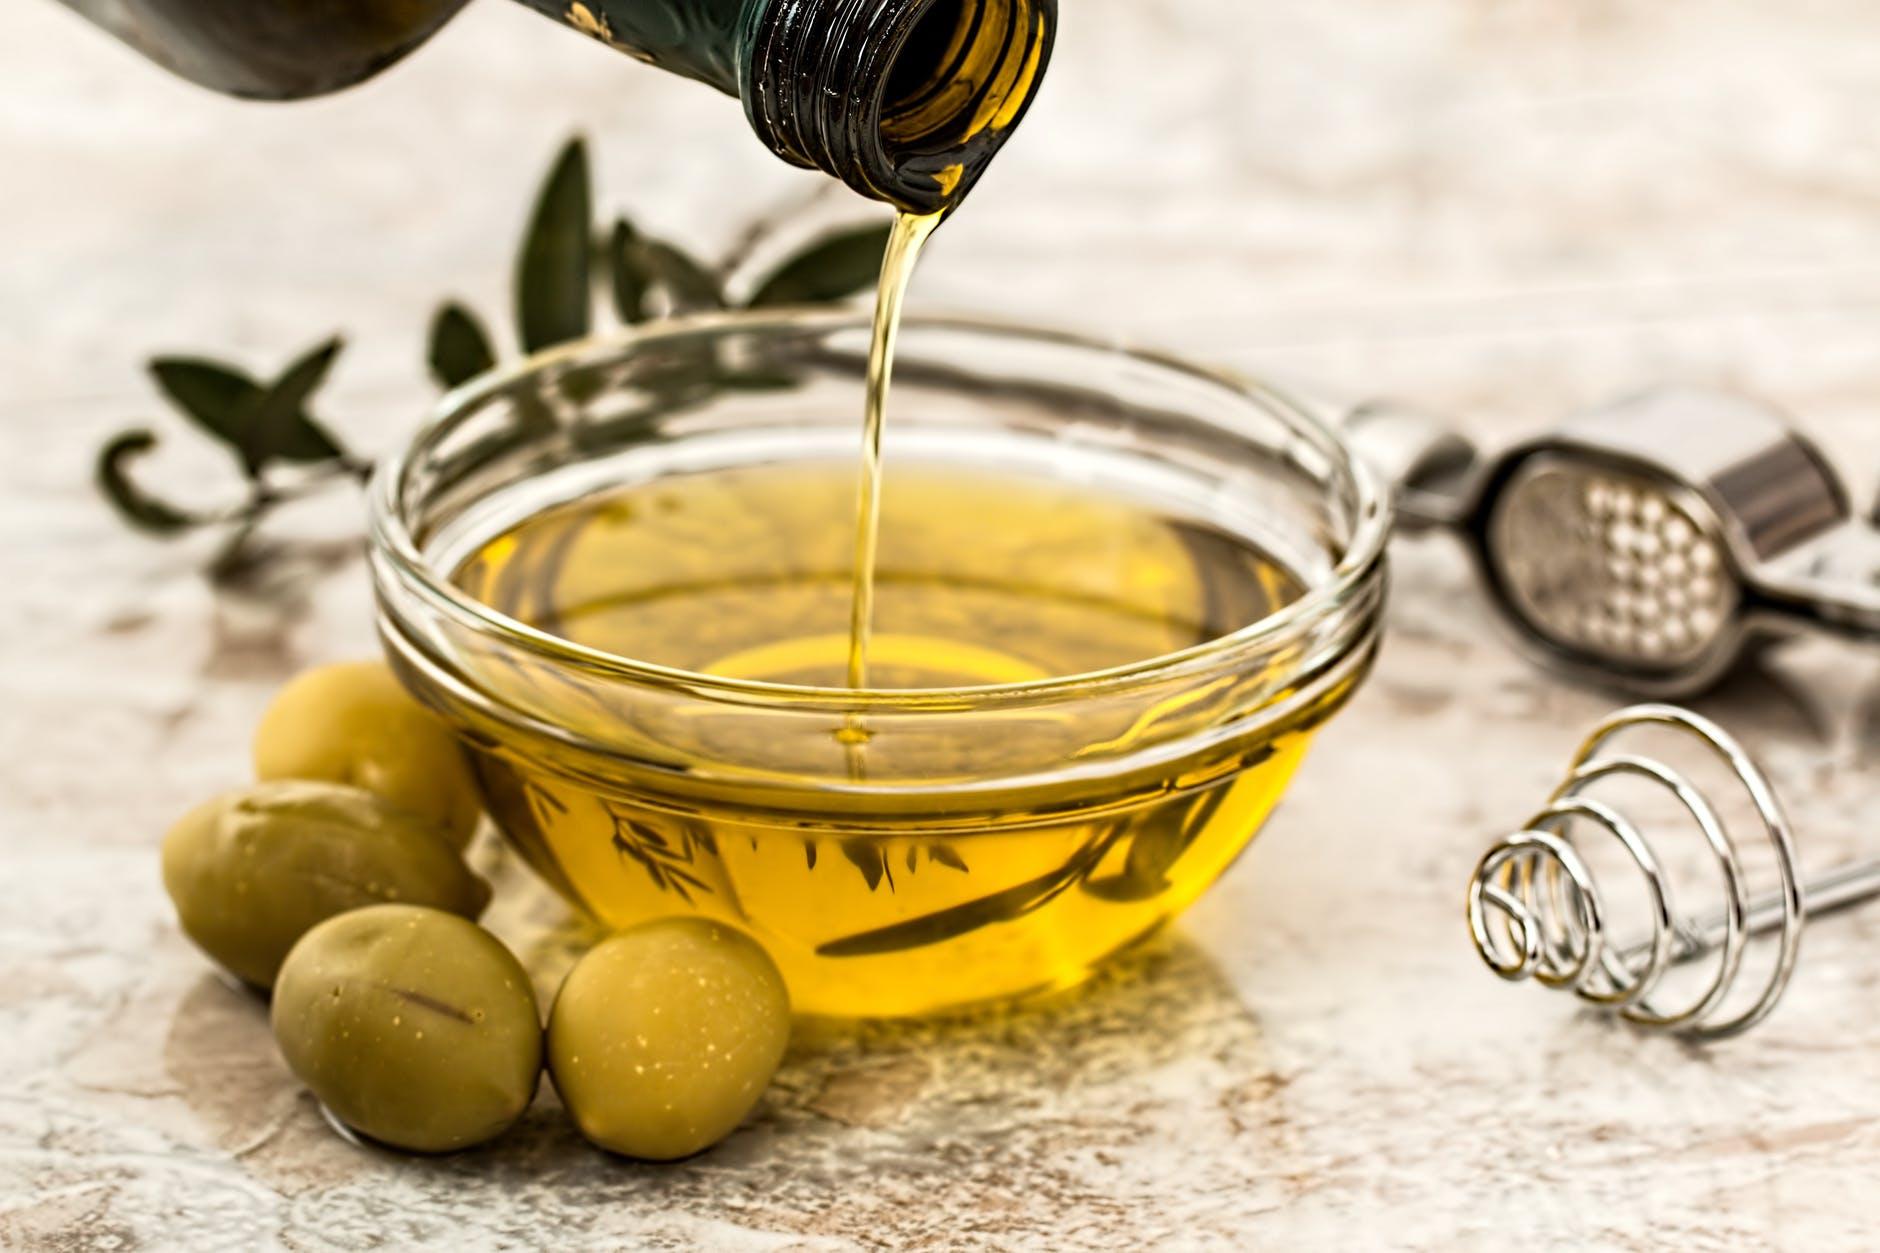 Az olívaolaj az egyszeresen telítetlen zsírok közé tartozik